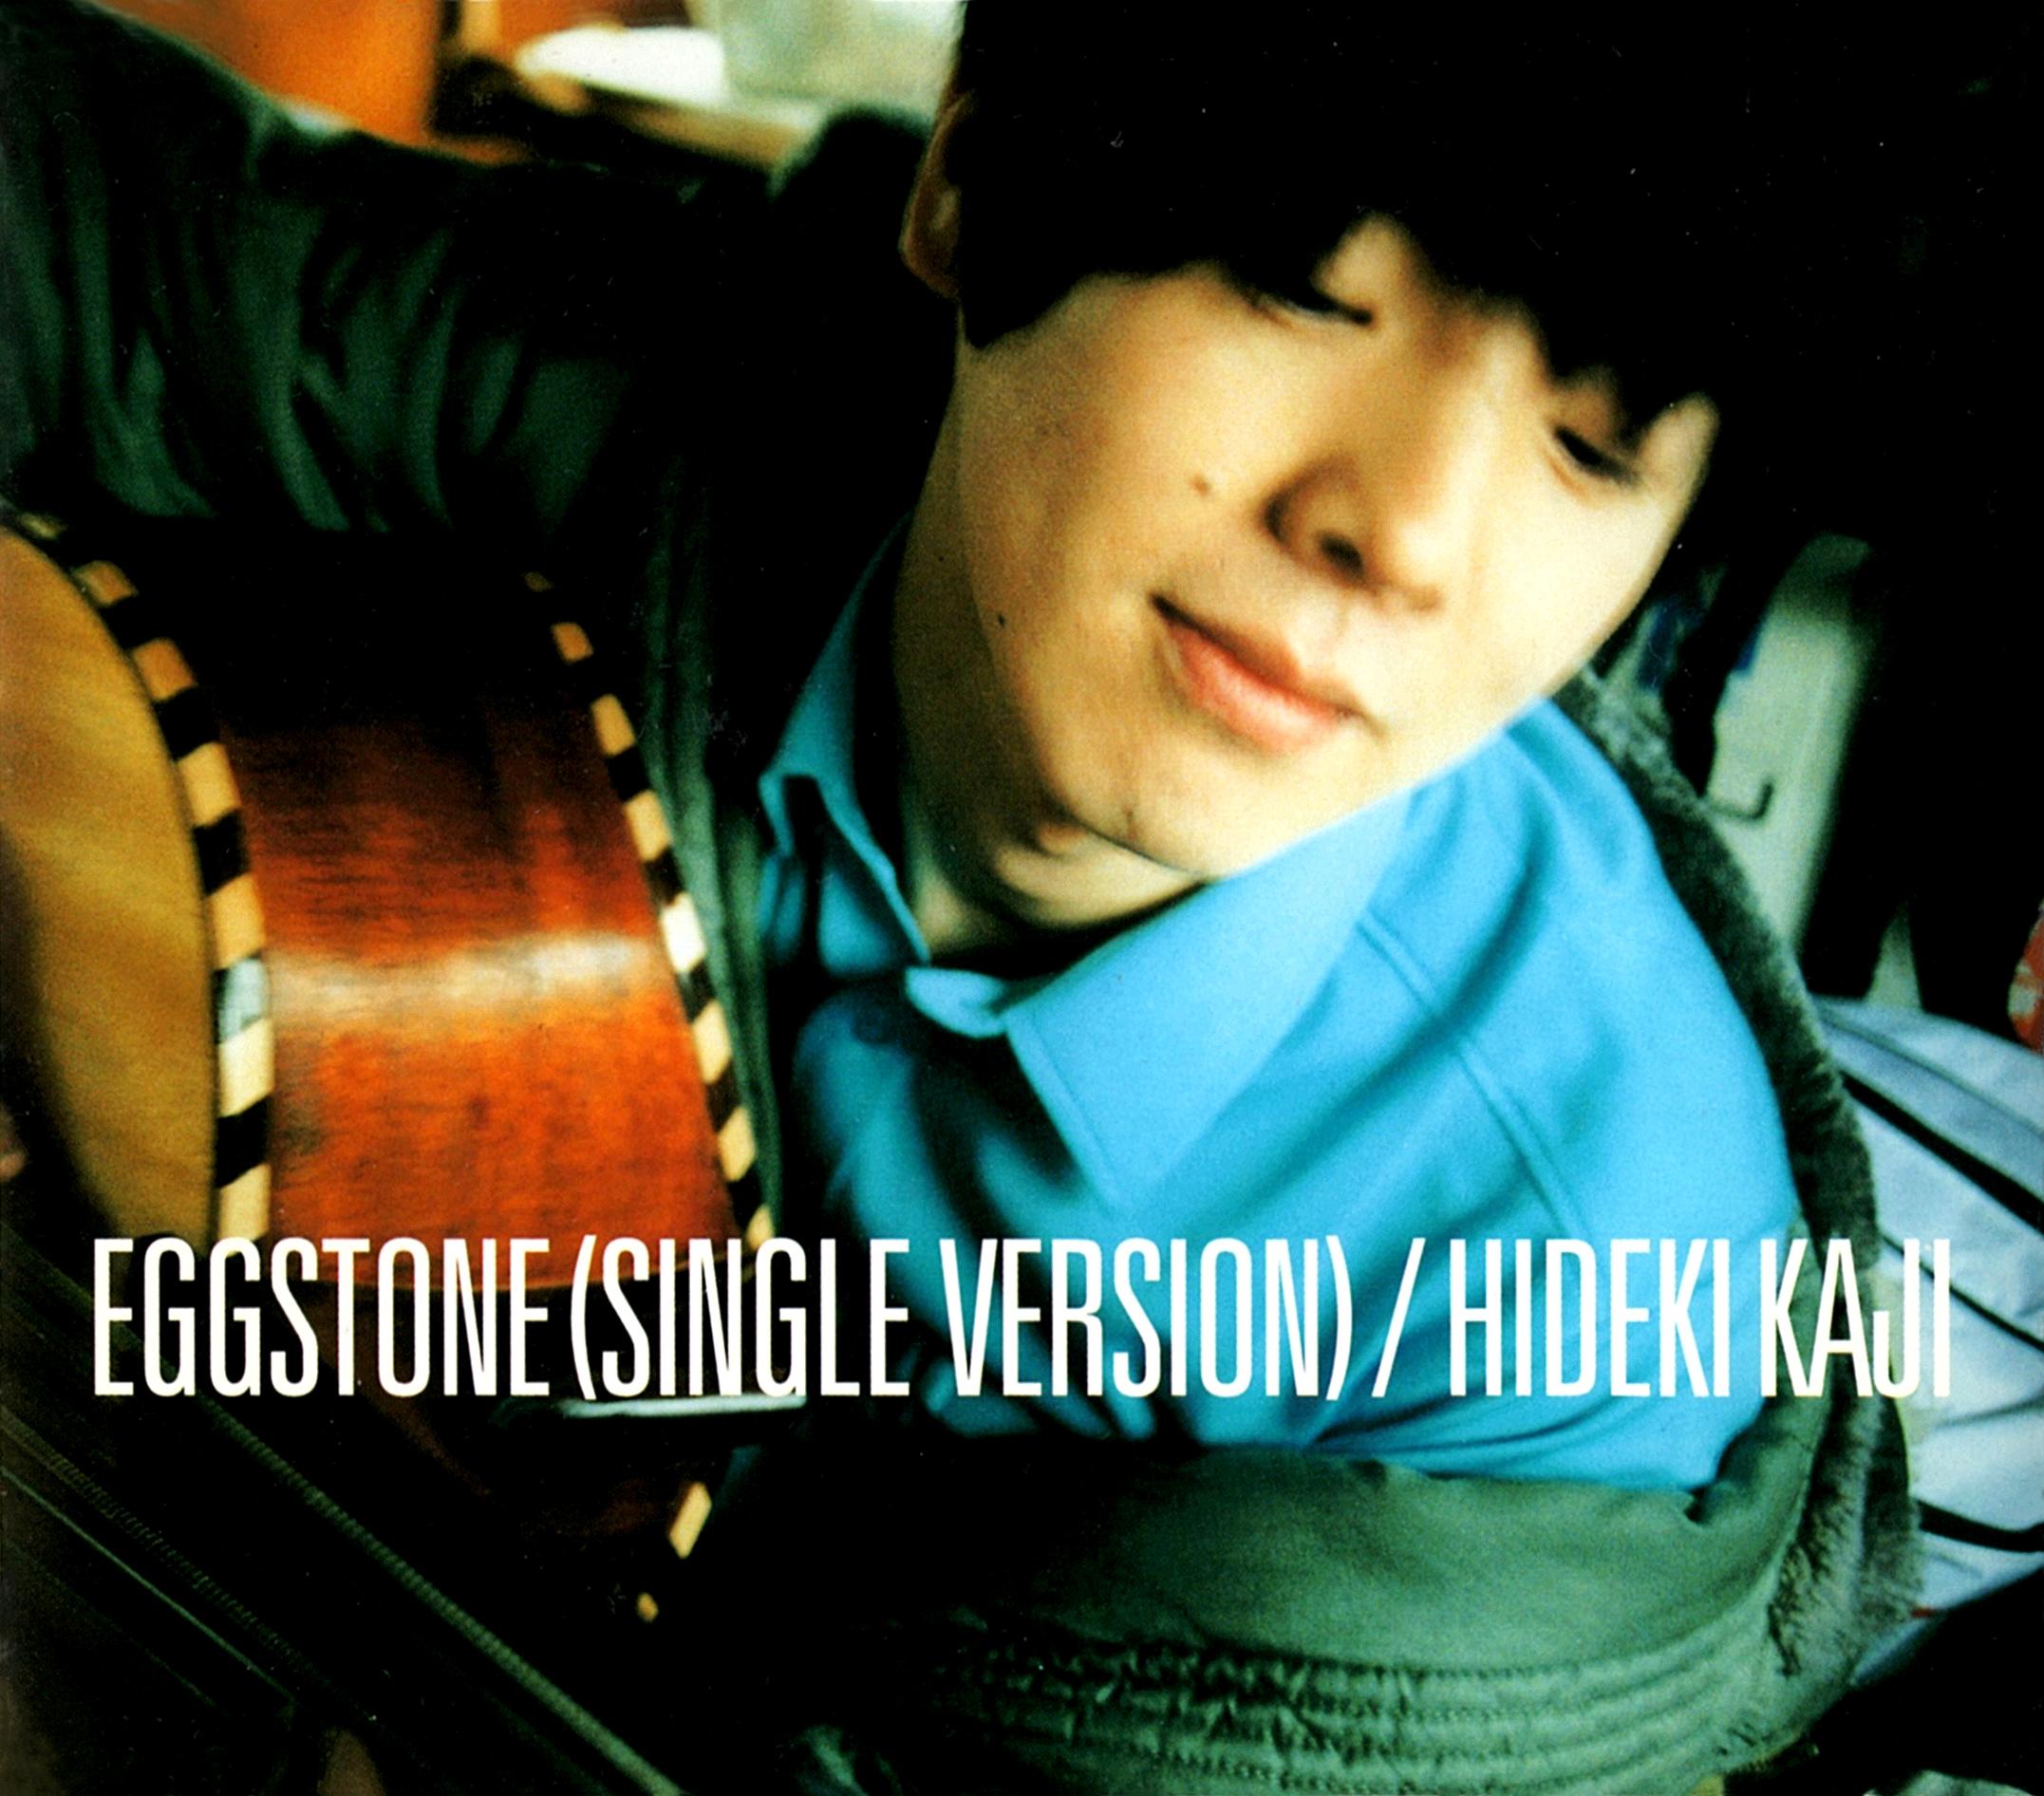 カジヒデキ 3rdシングル『たまごの中の欲望-シングル・ヴァージョン- (EGGSTONE -SINGLE VERSION-)』(Trattoria Menu.130) (1997年5月14日発売) 高画質CDジャケット画像 (ジャケ写)